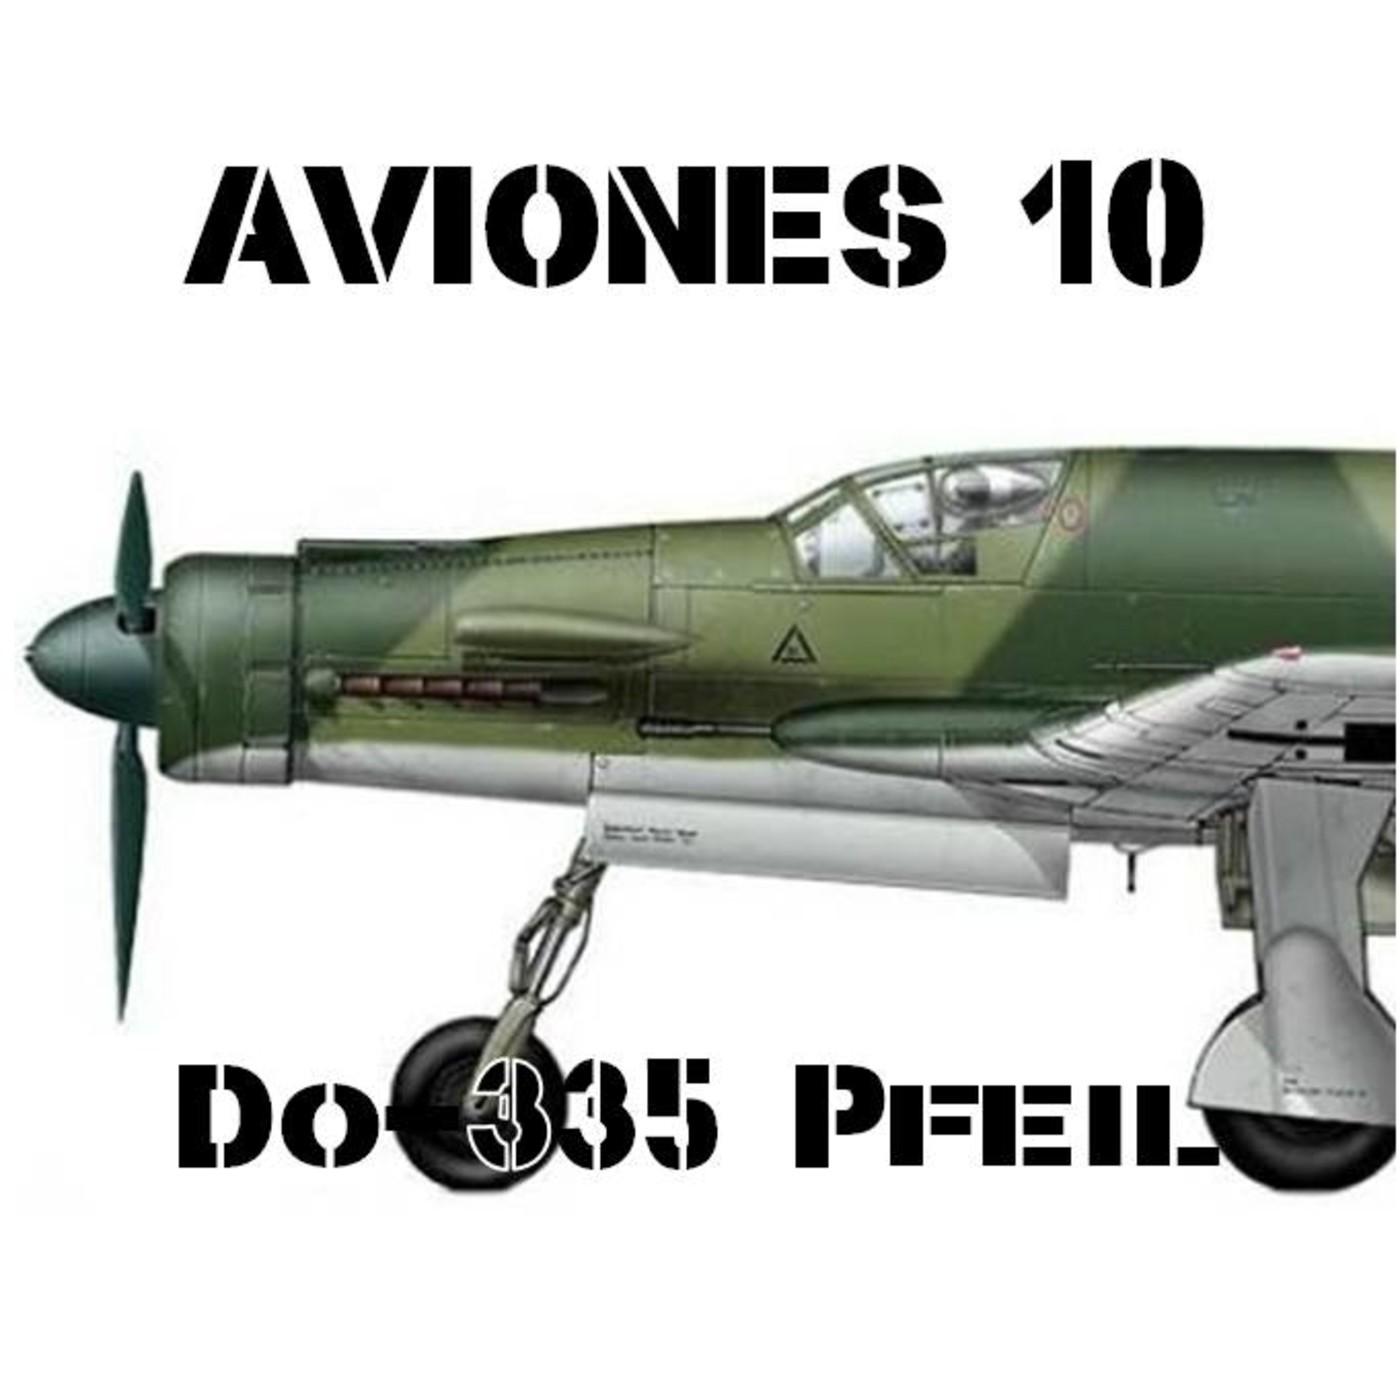 Aviones 10 #73 Dornier Do-335 Pfeil